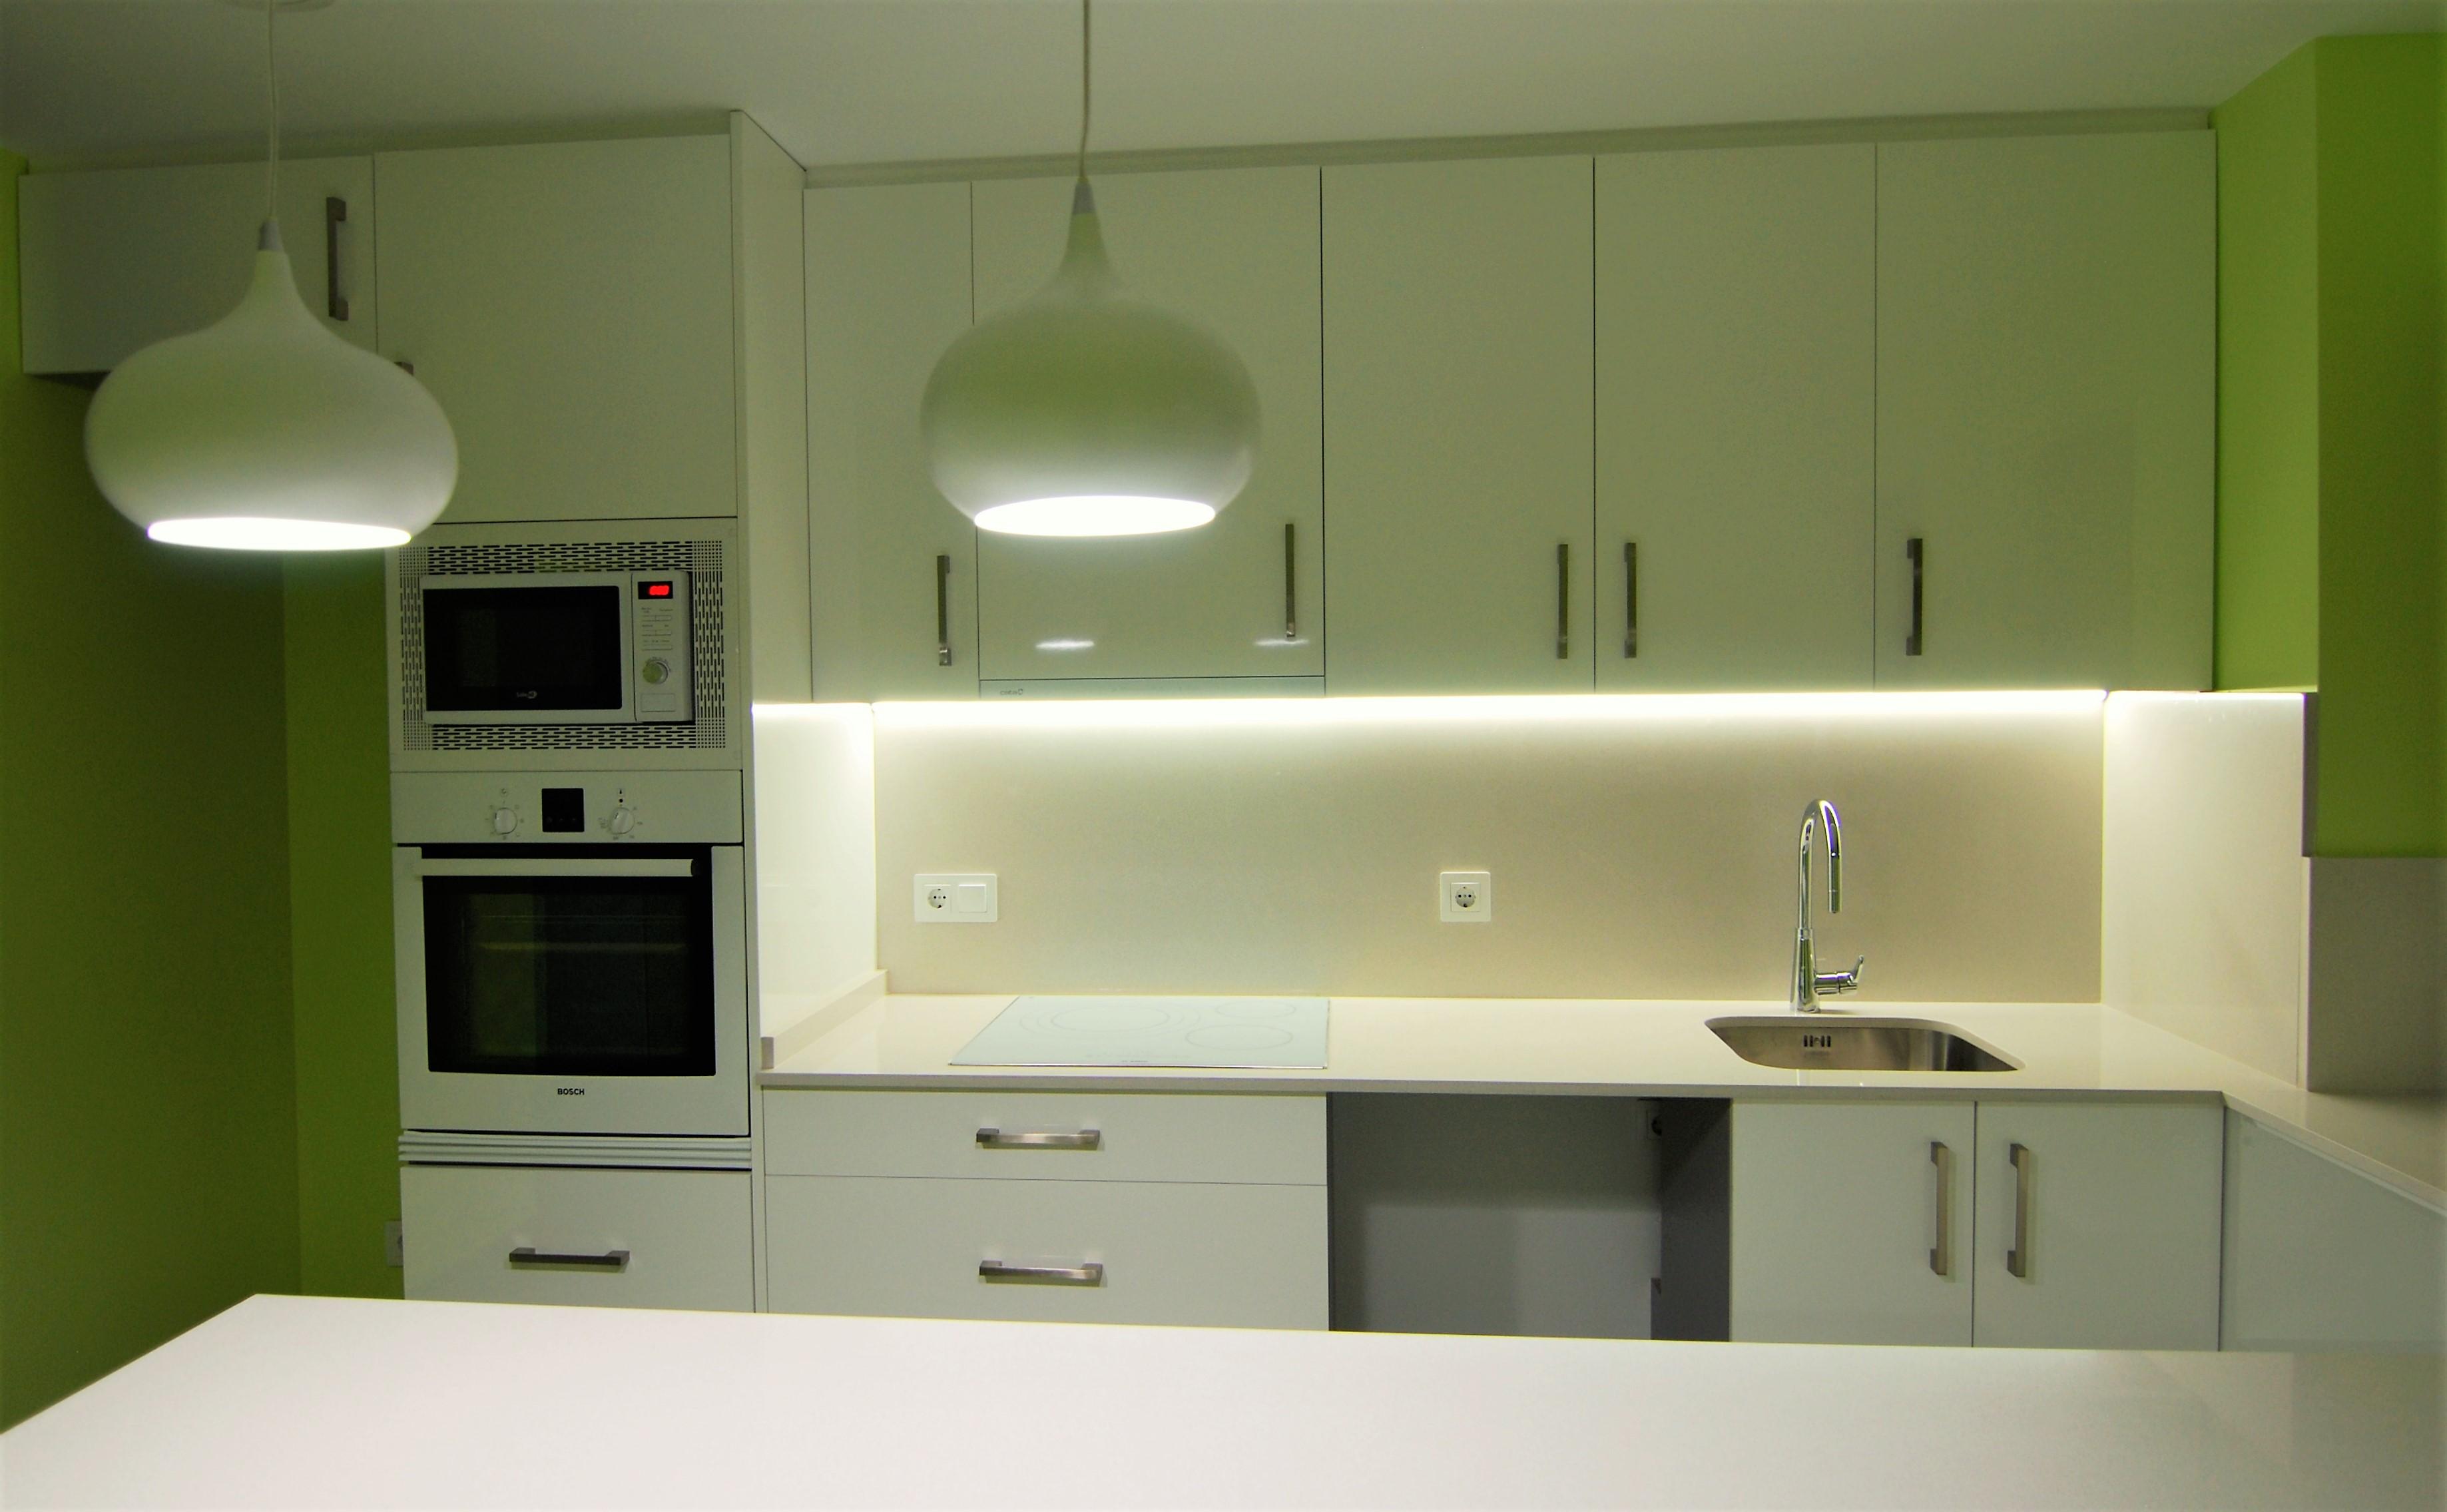 r-cocina-3